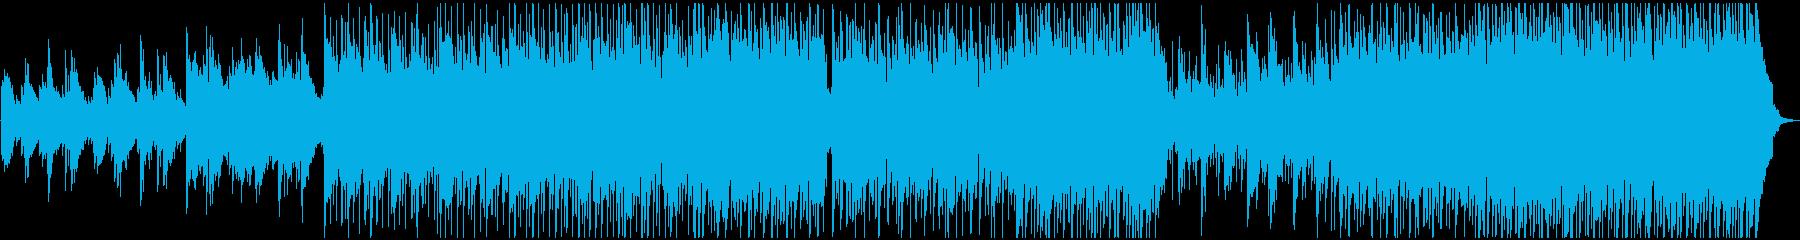 ロマンチックな音楽の再生済みの波形